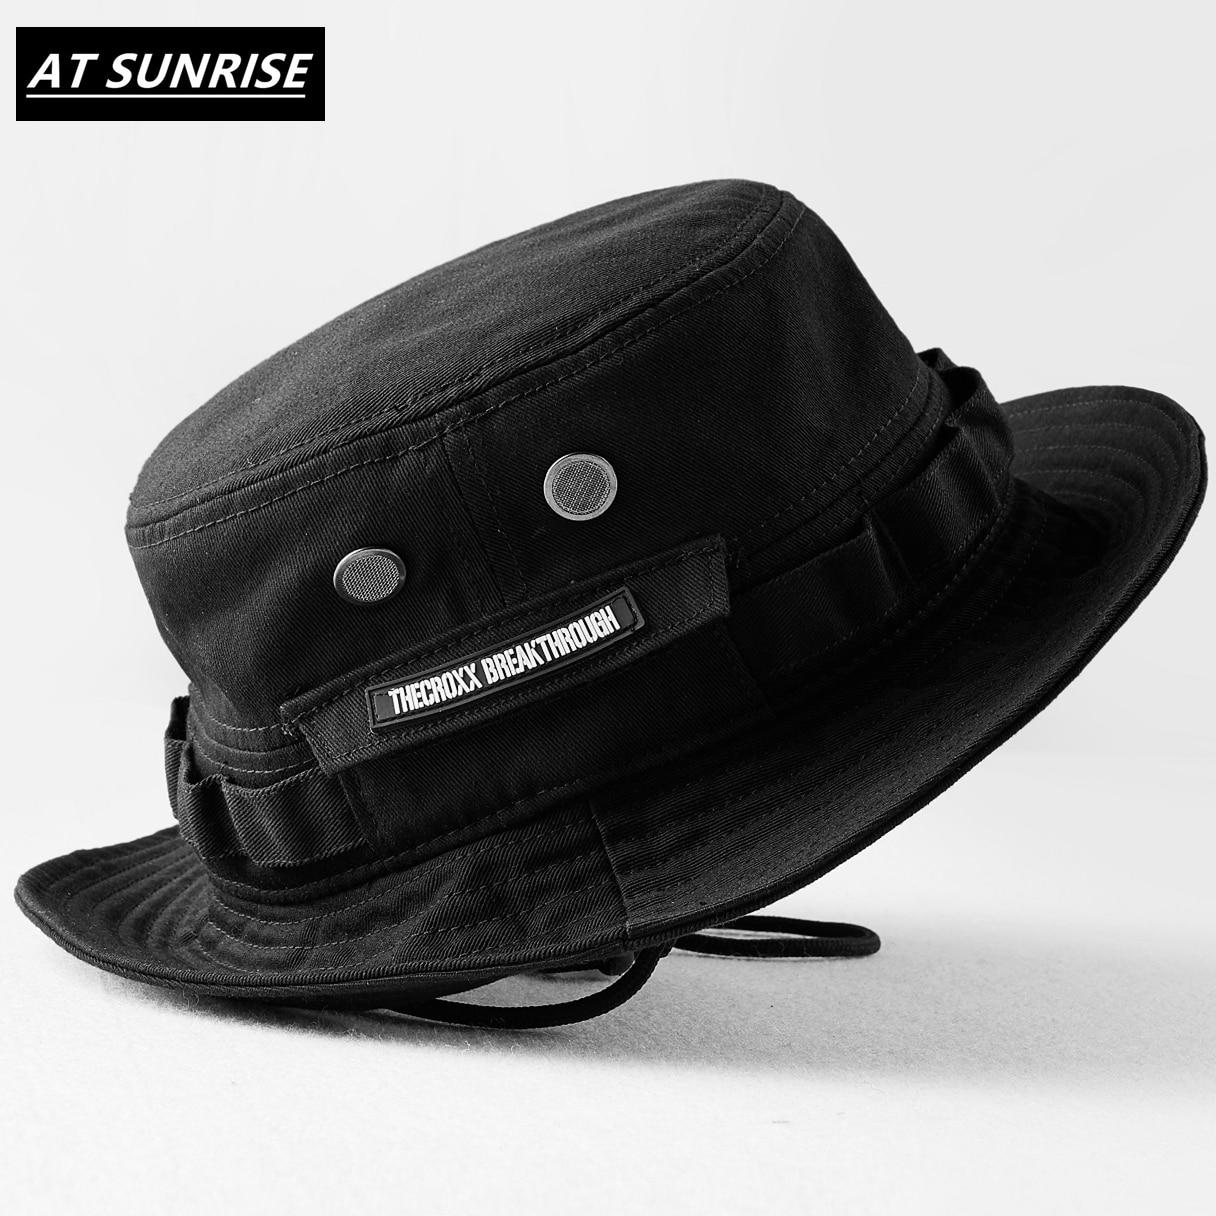 2020 New Brand Black Fisherman S Hat Bucket Hat Unisex Fashion Hip Hop Streetwear Men Women Warm Windproof Bucket Hat Outdoor Men S Bucket Hats Aliexpress